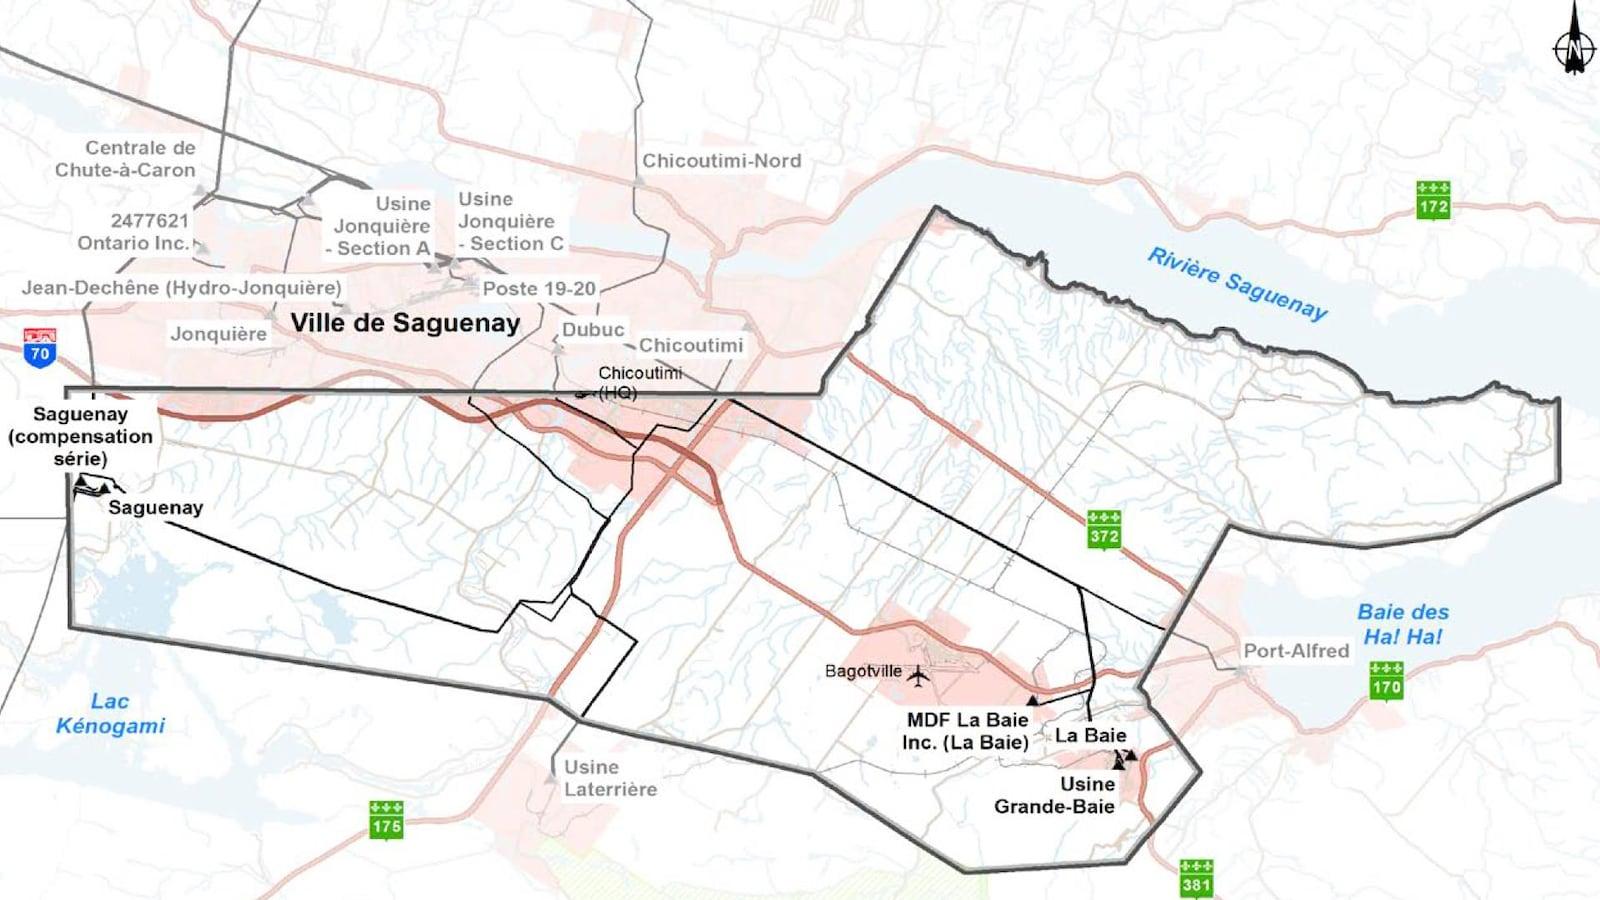 Carte Canada Chicoutimi.Hydro Quebec Projette De Nouvelles Lignes De Transport D Electricite